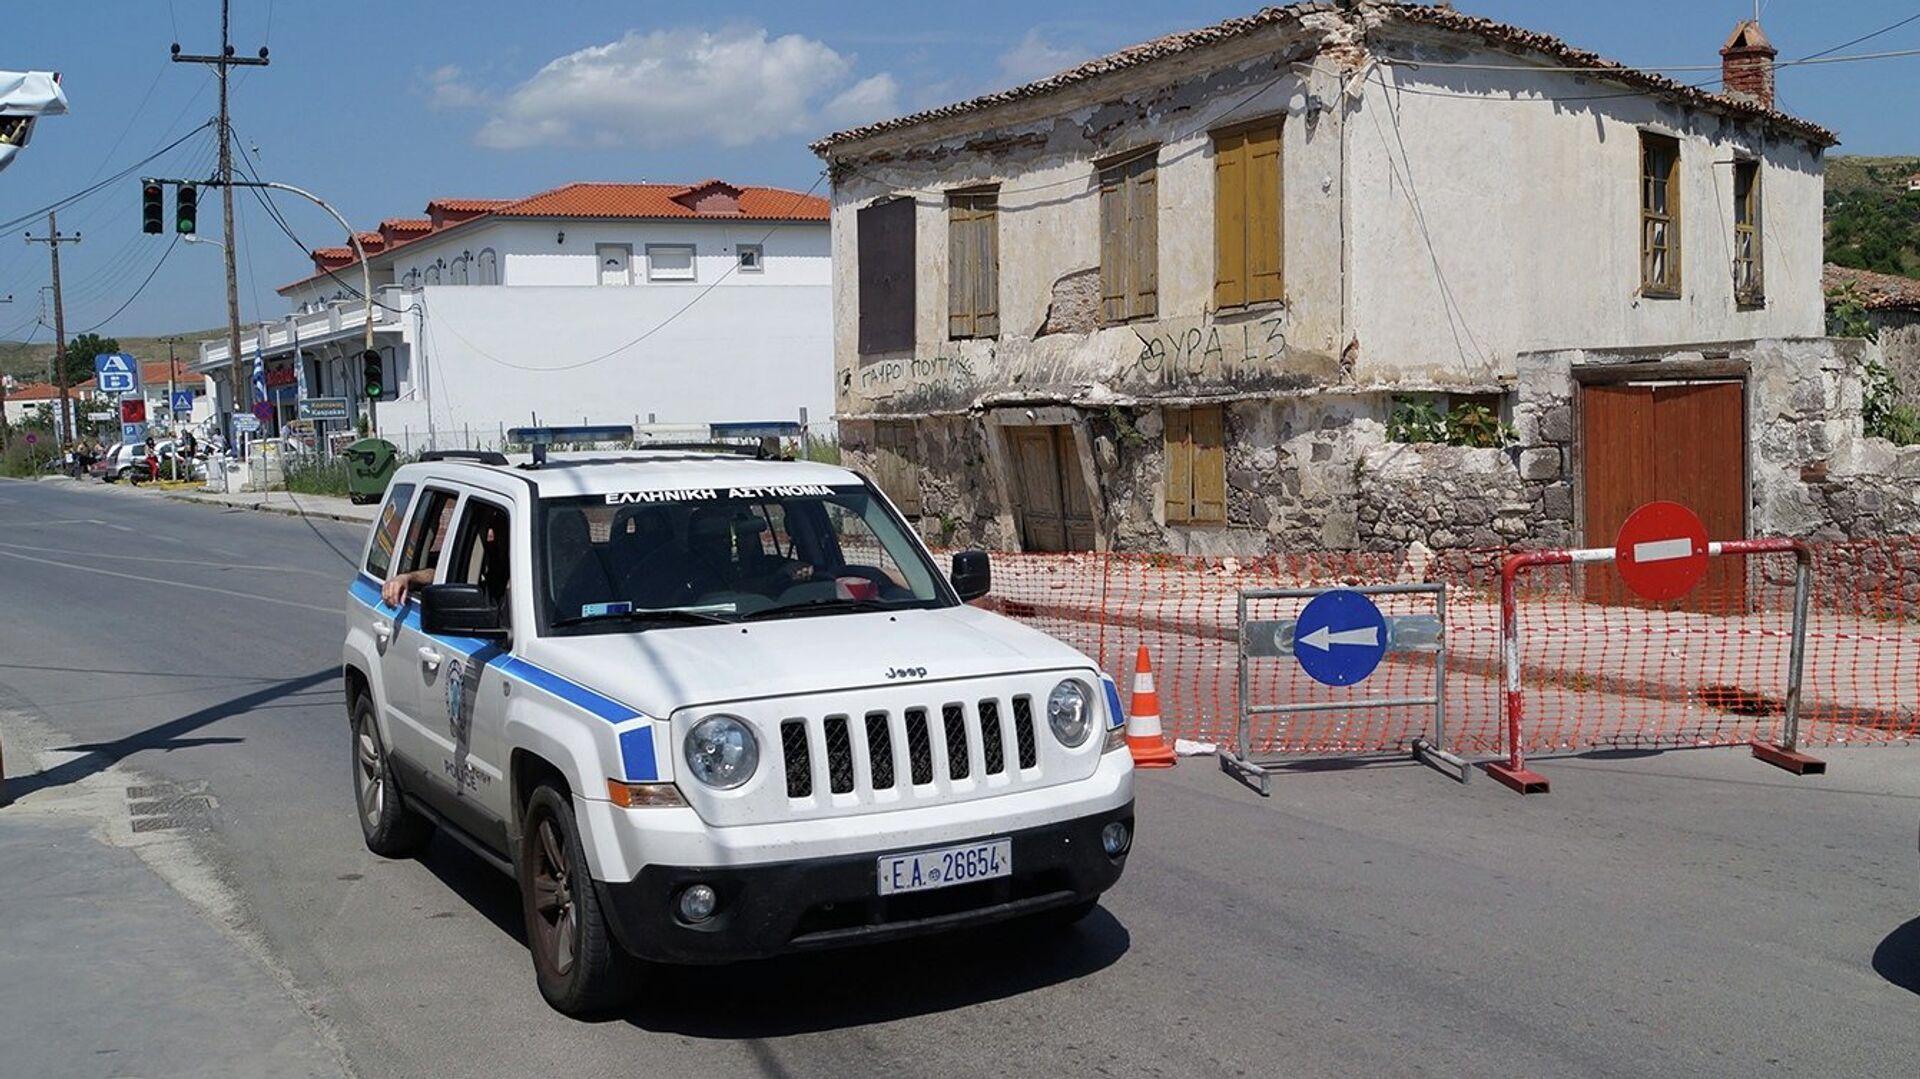 Греческая полиция патрулирует остров Лимнос после землетрясения - РИА Новости, 1920, 30.10.2020